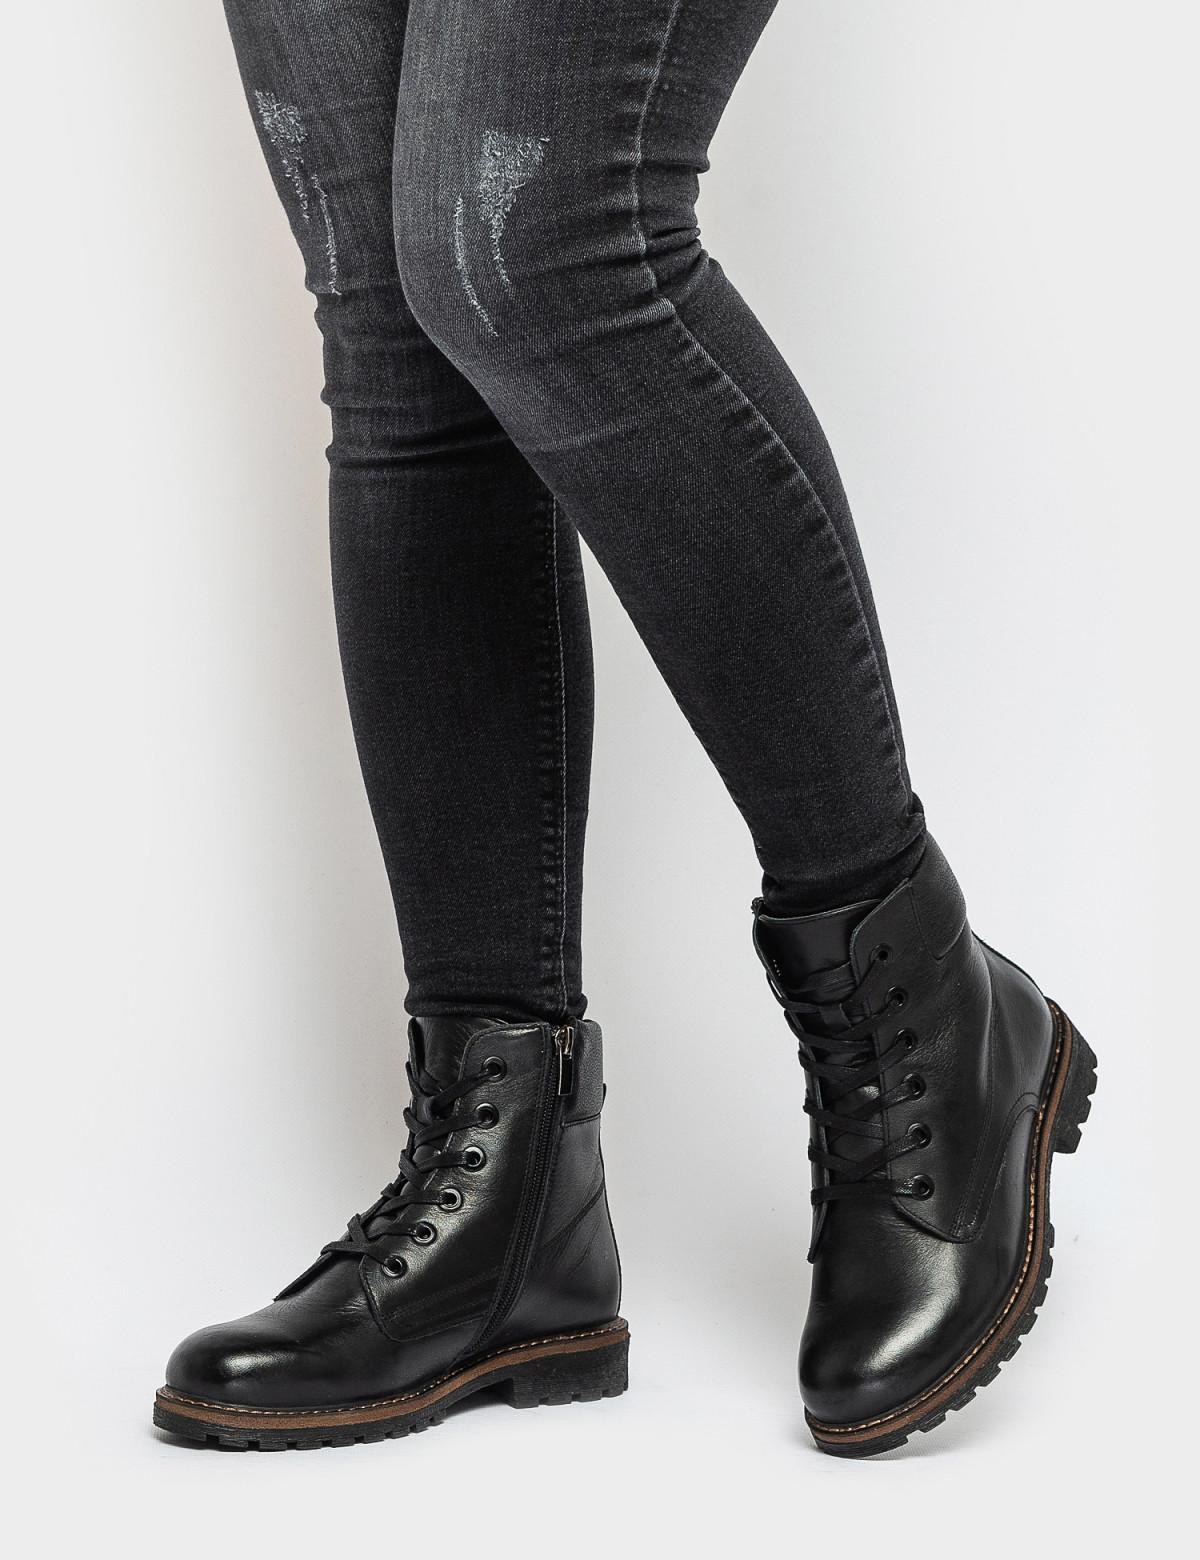 Ботинки черные натуральная кожа. Шерсть6